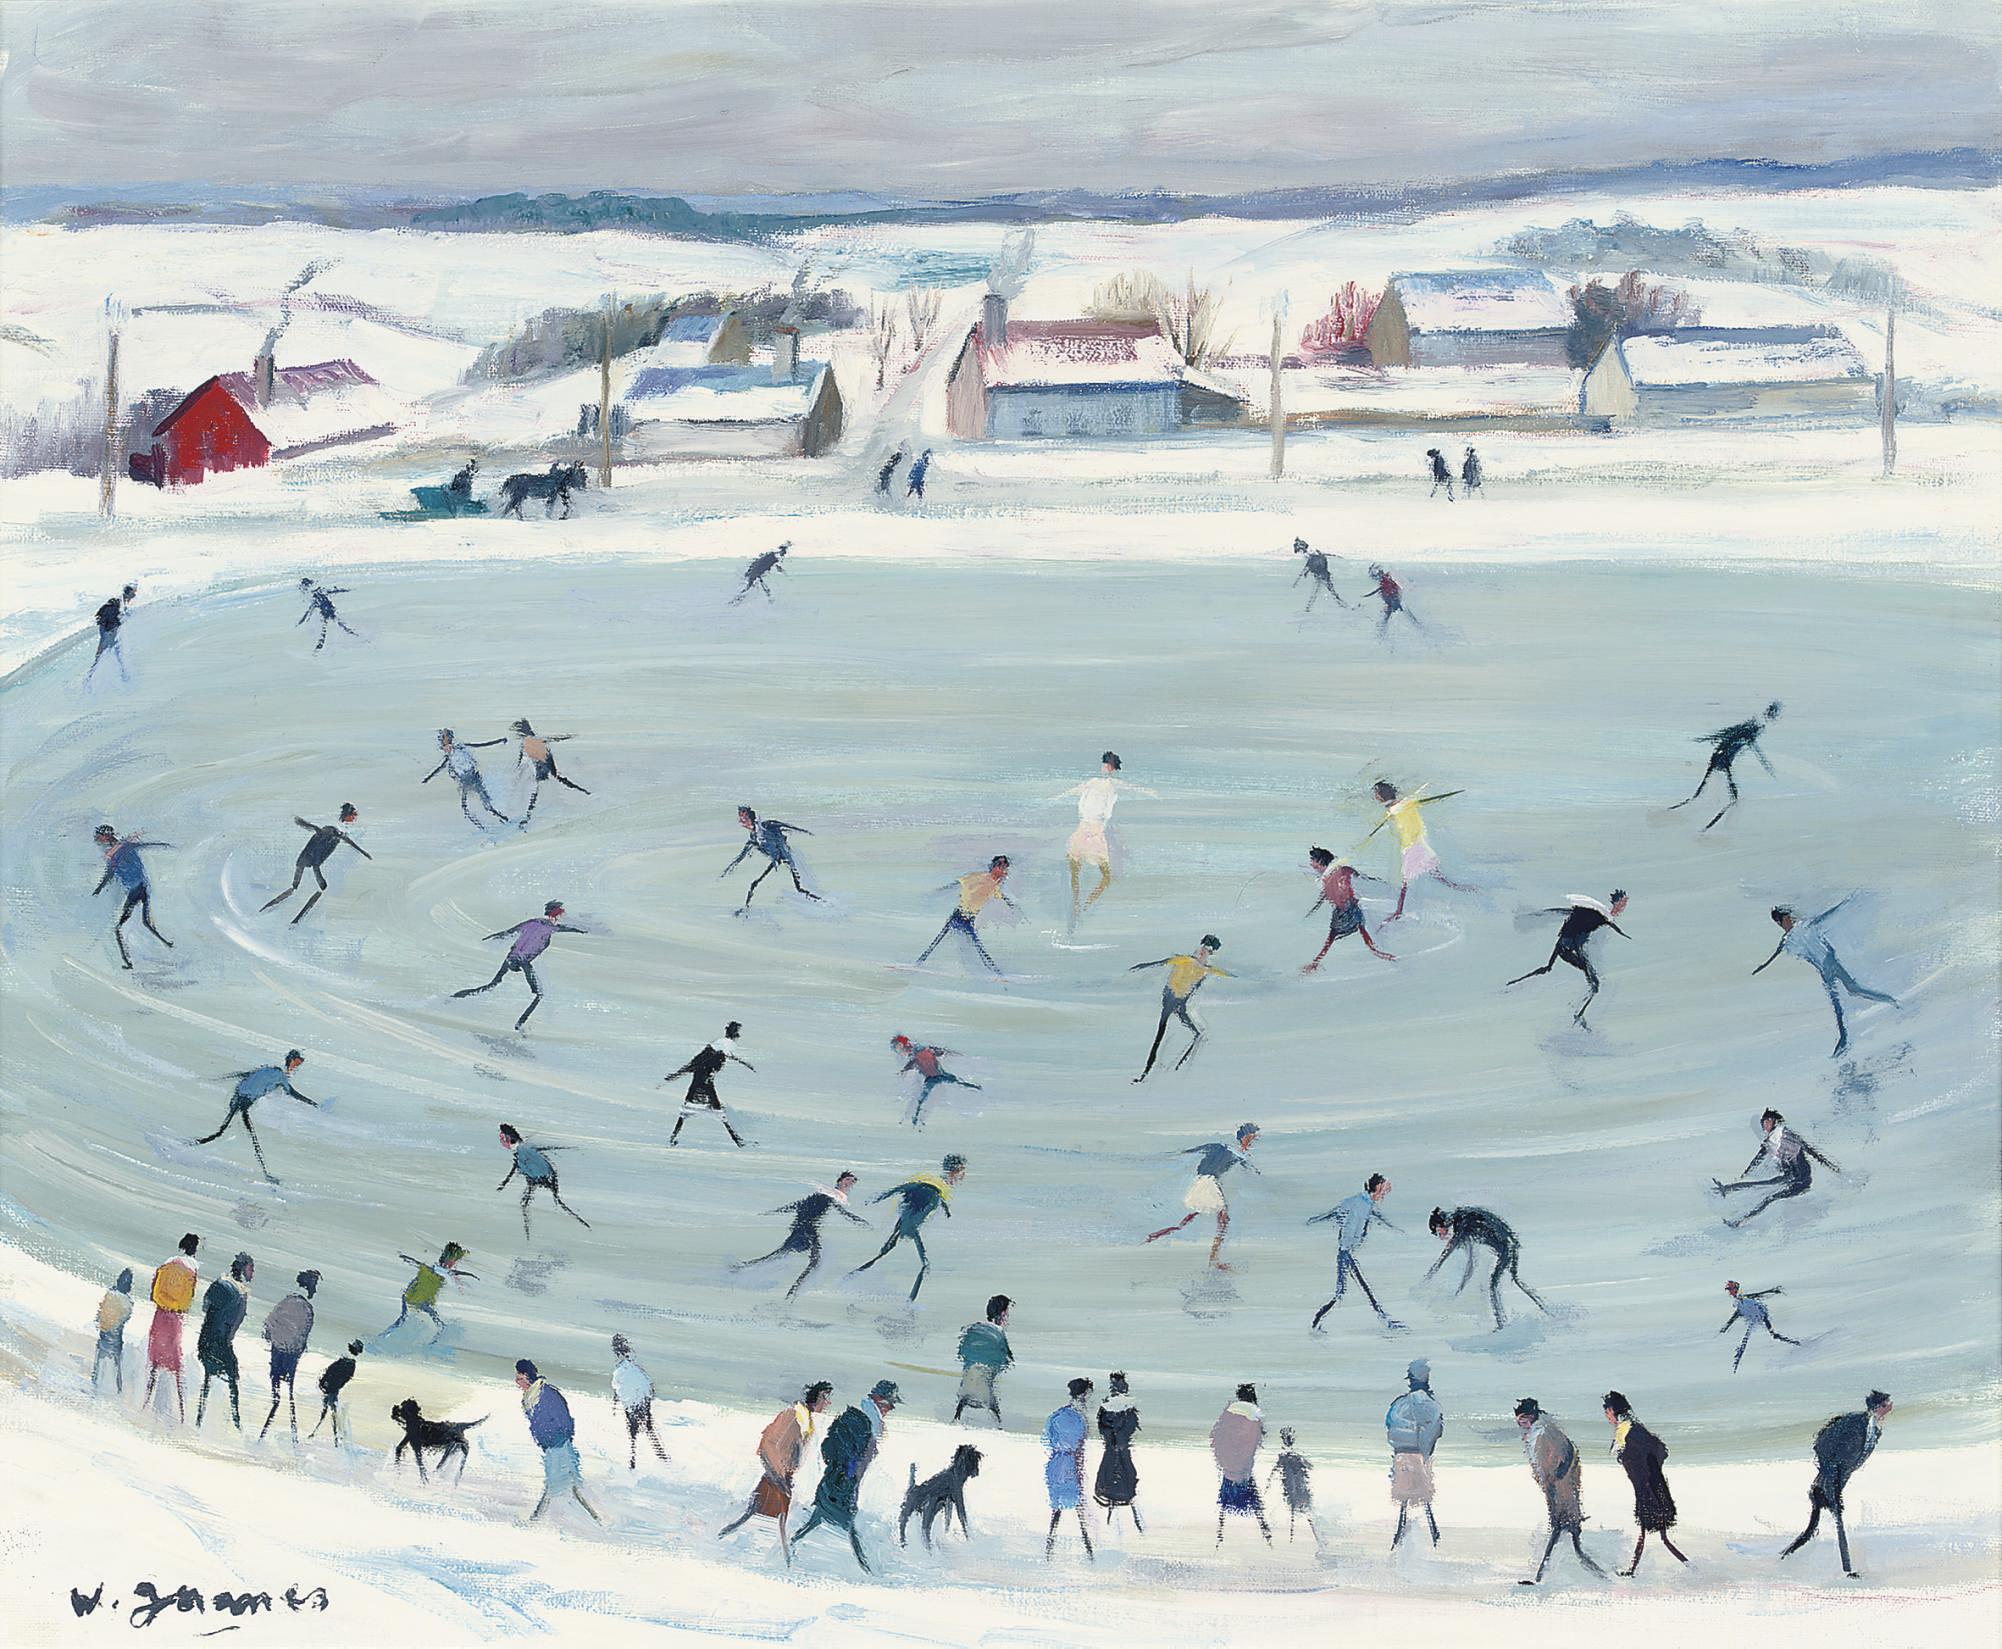 Les patineurs sur l'étang gelé